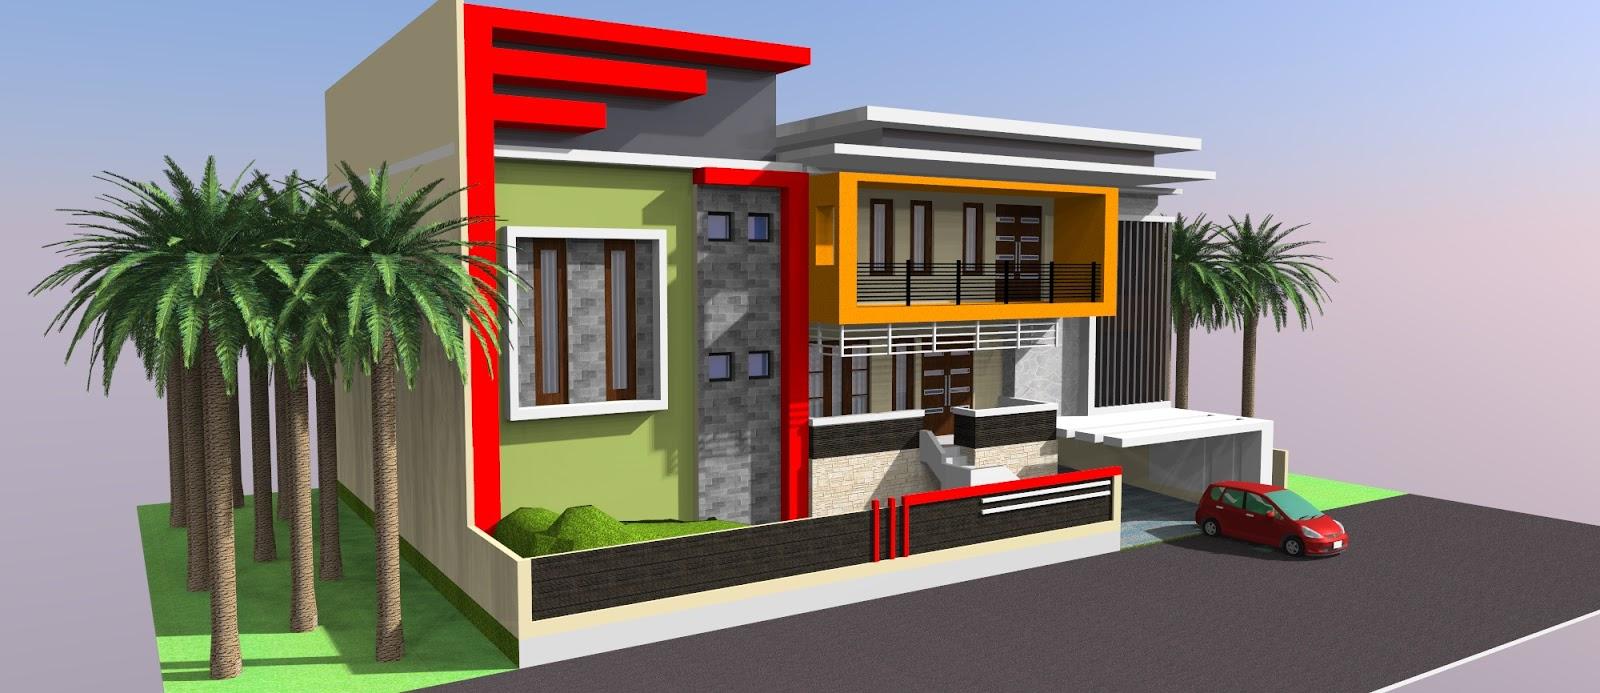 63 Download Desain Rumah Minimalis Format Autocad Desain Rumah